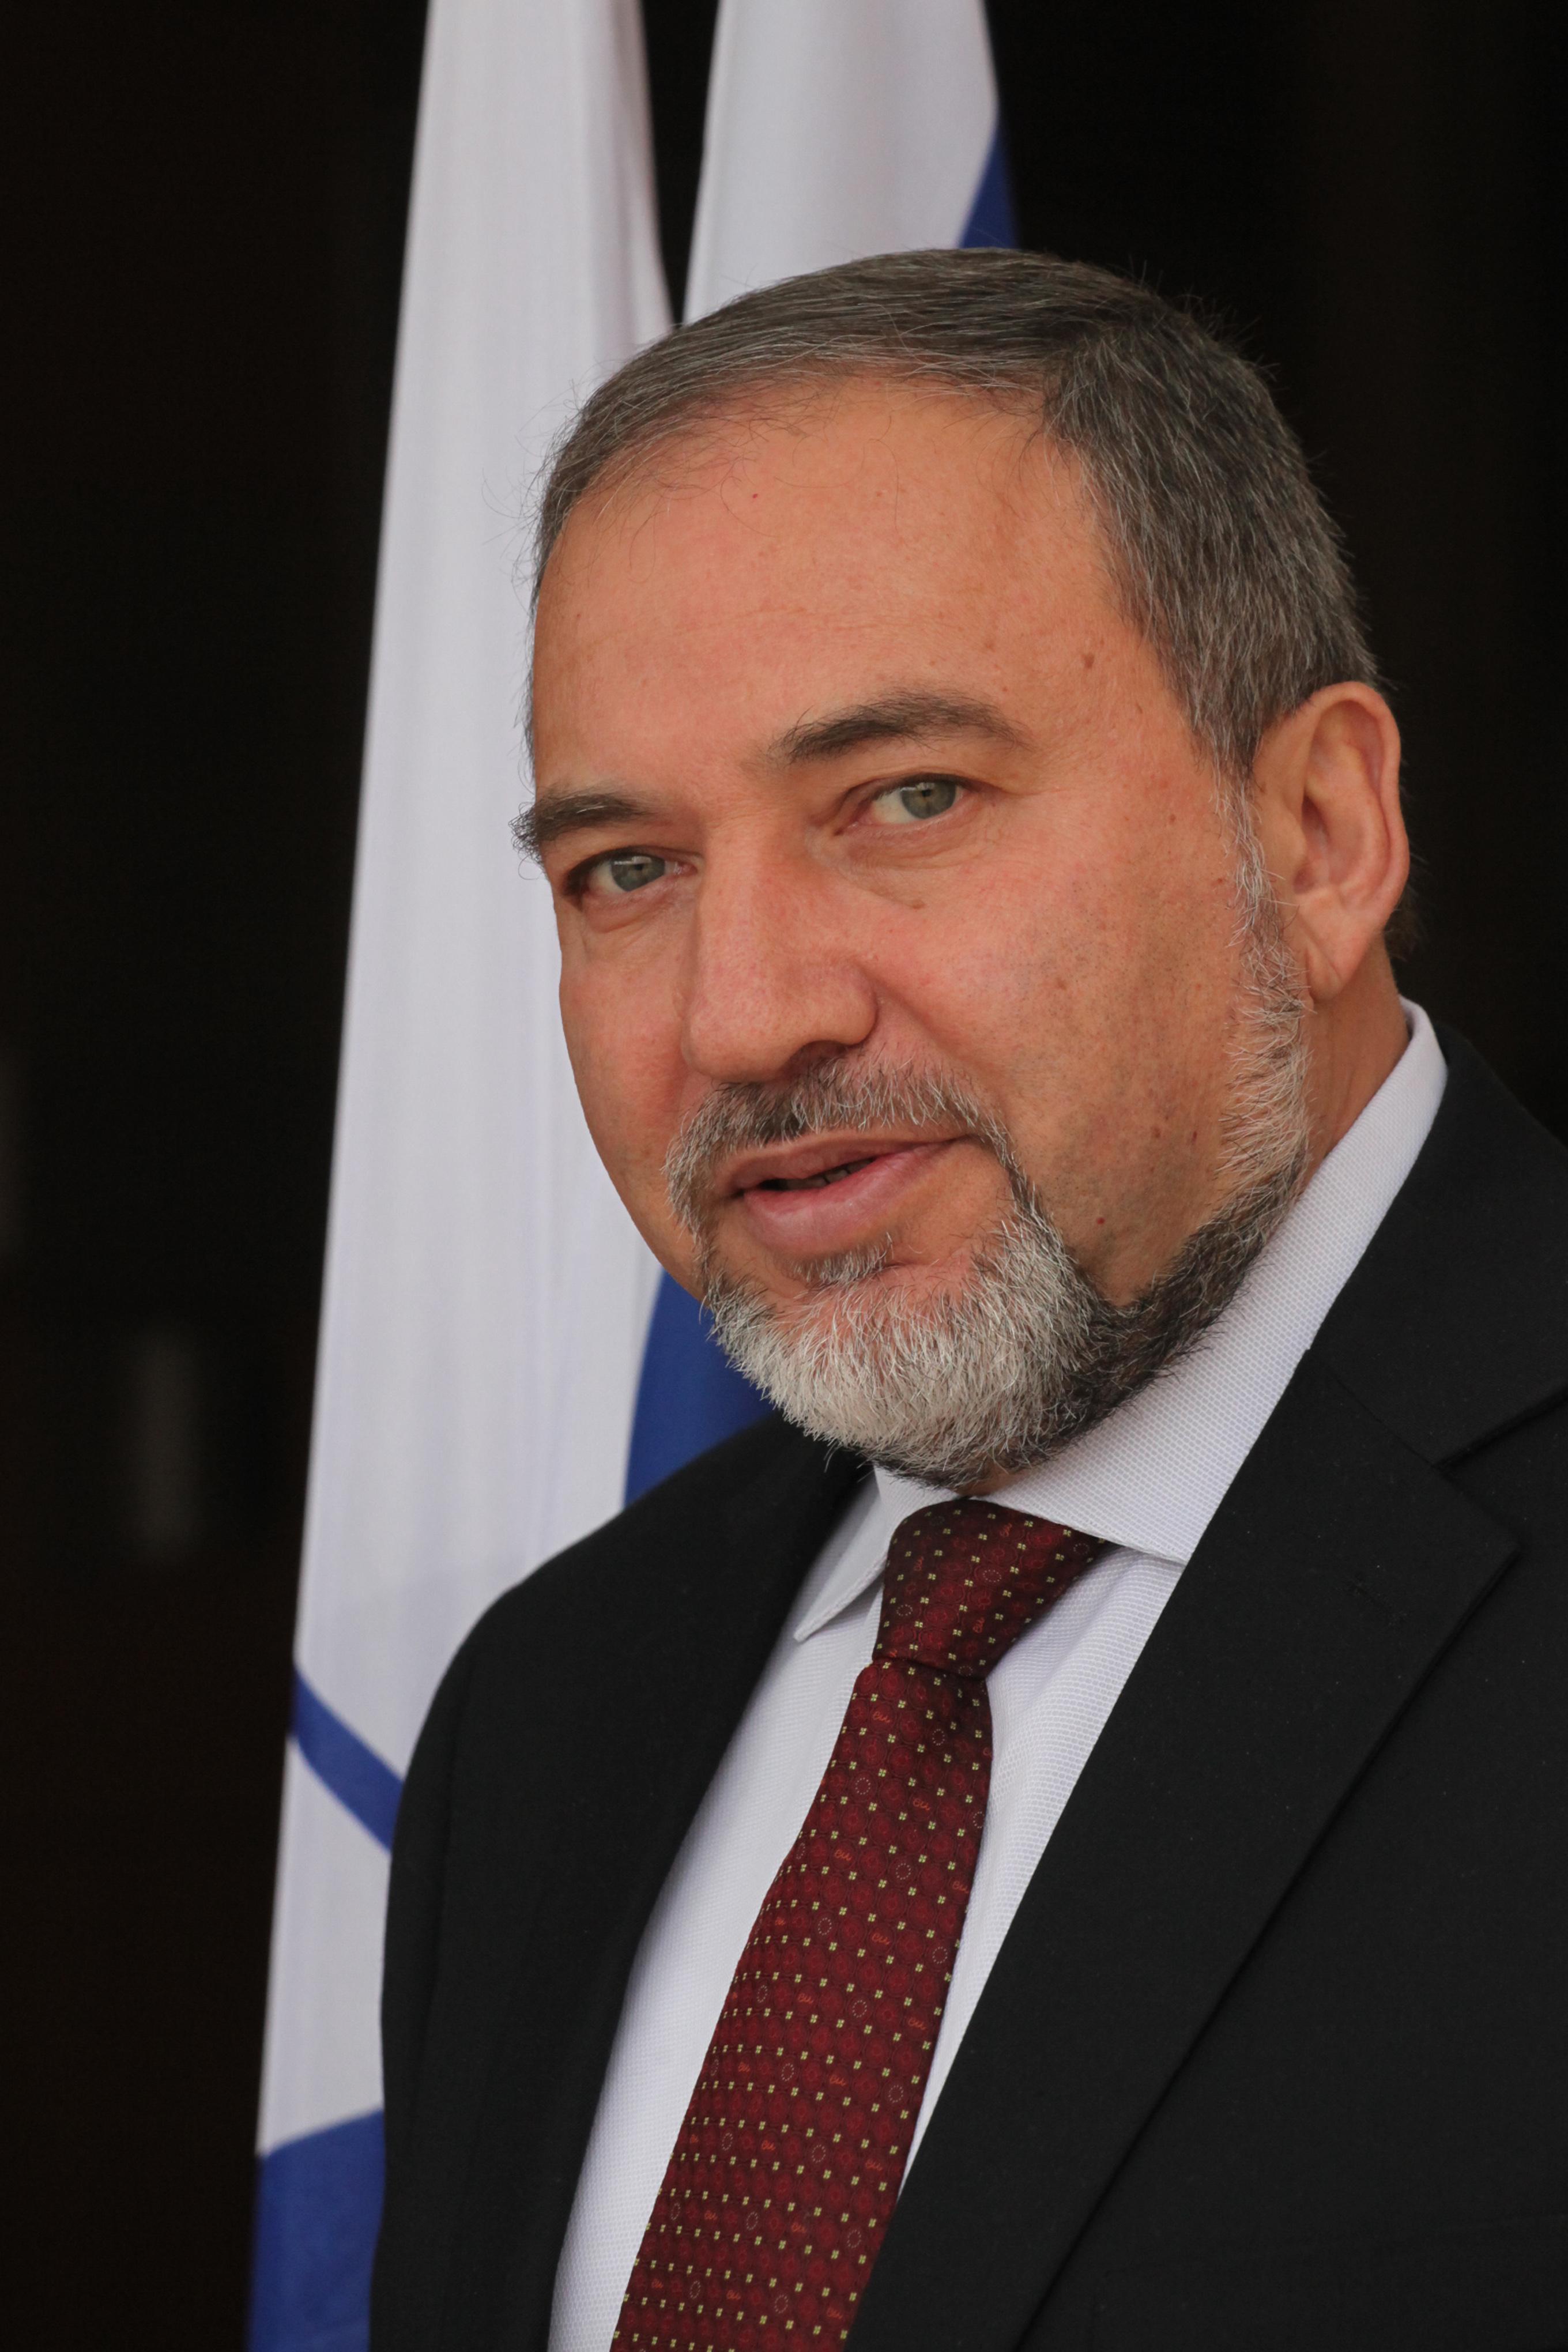 ליברמן: רוצים לראות את הנשיא מורסי בירושלים כאורח הנשיא פרס